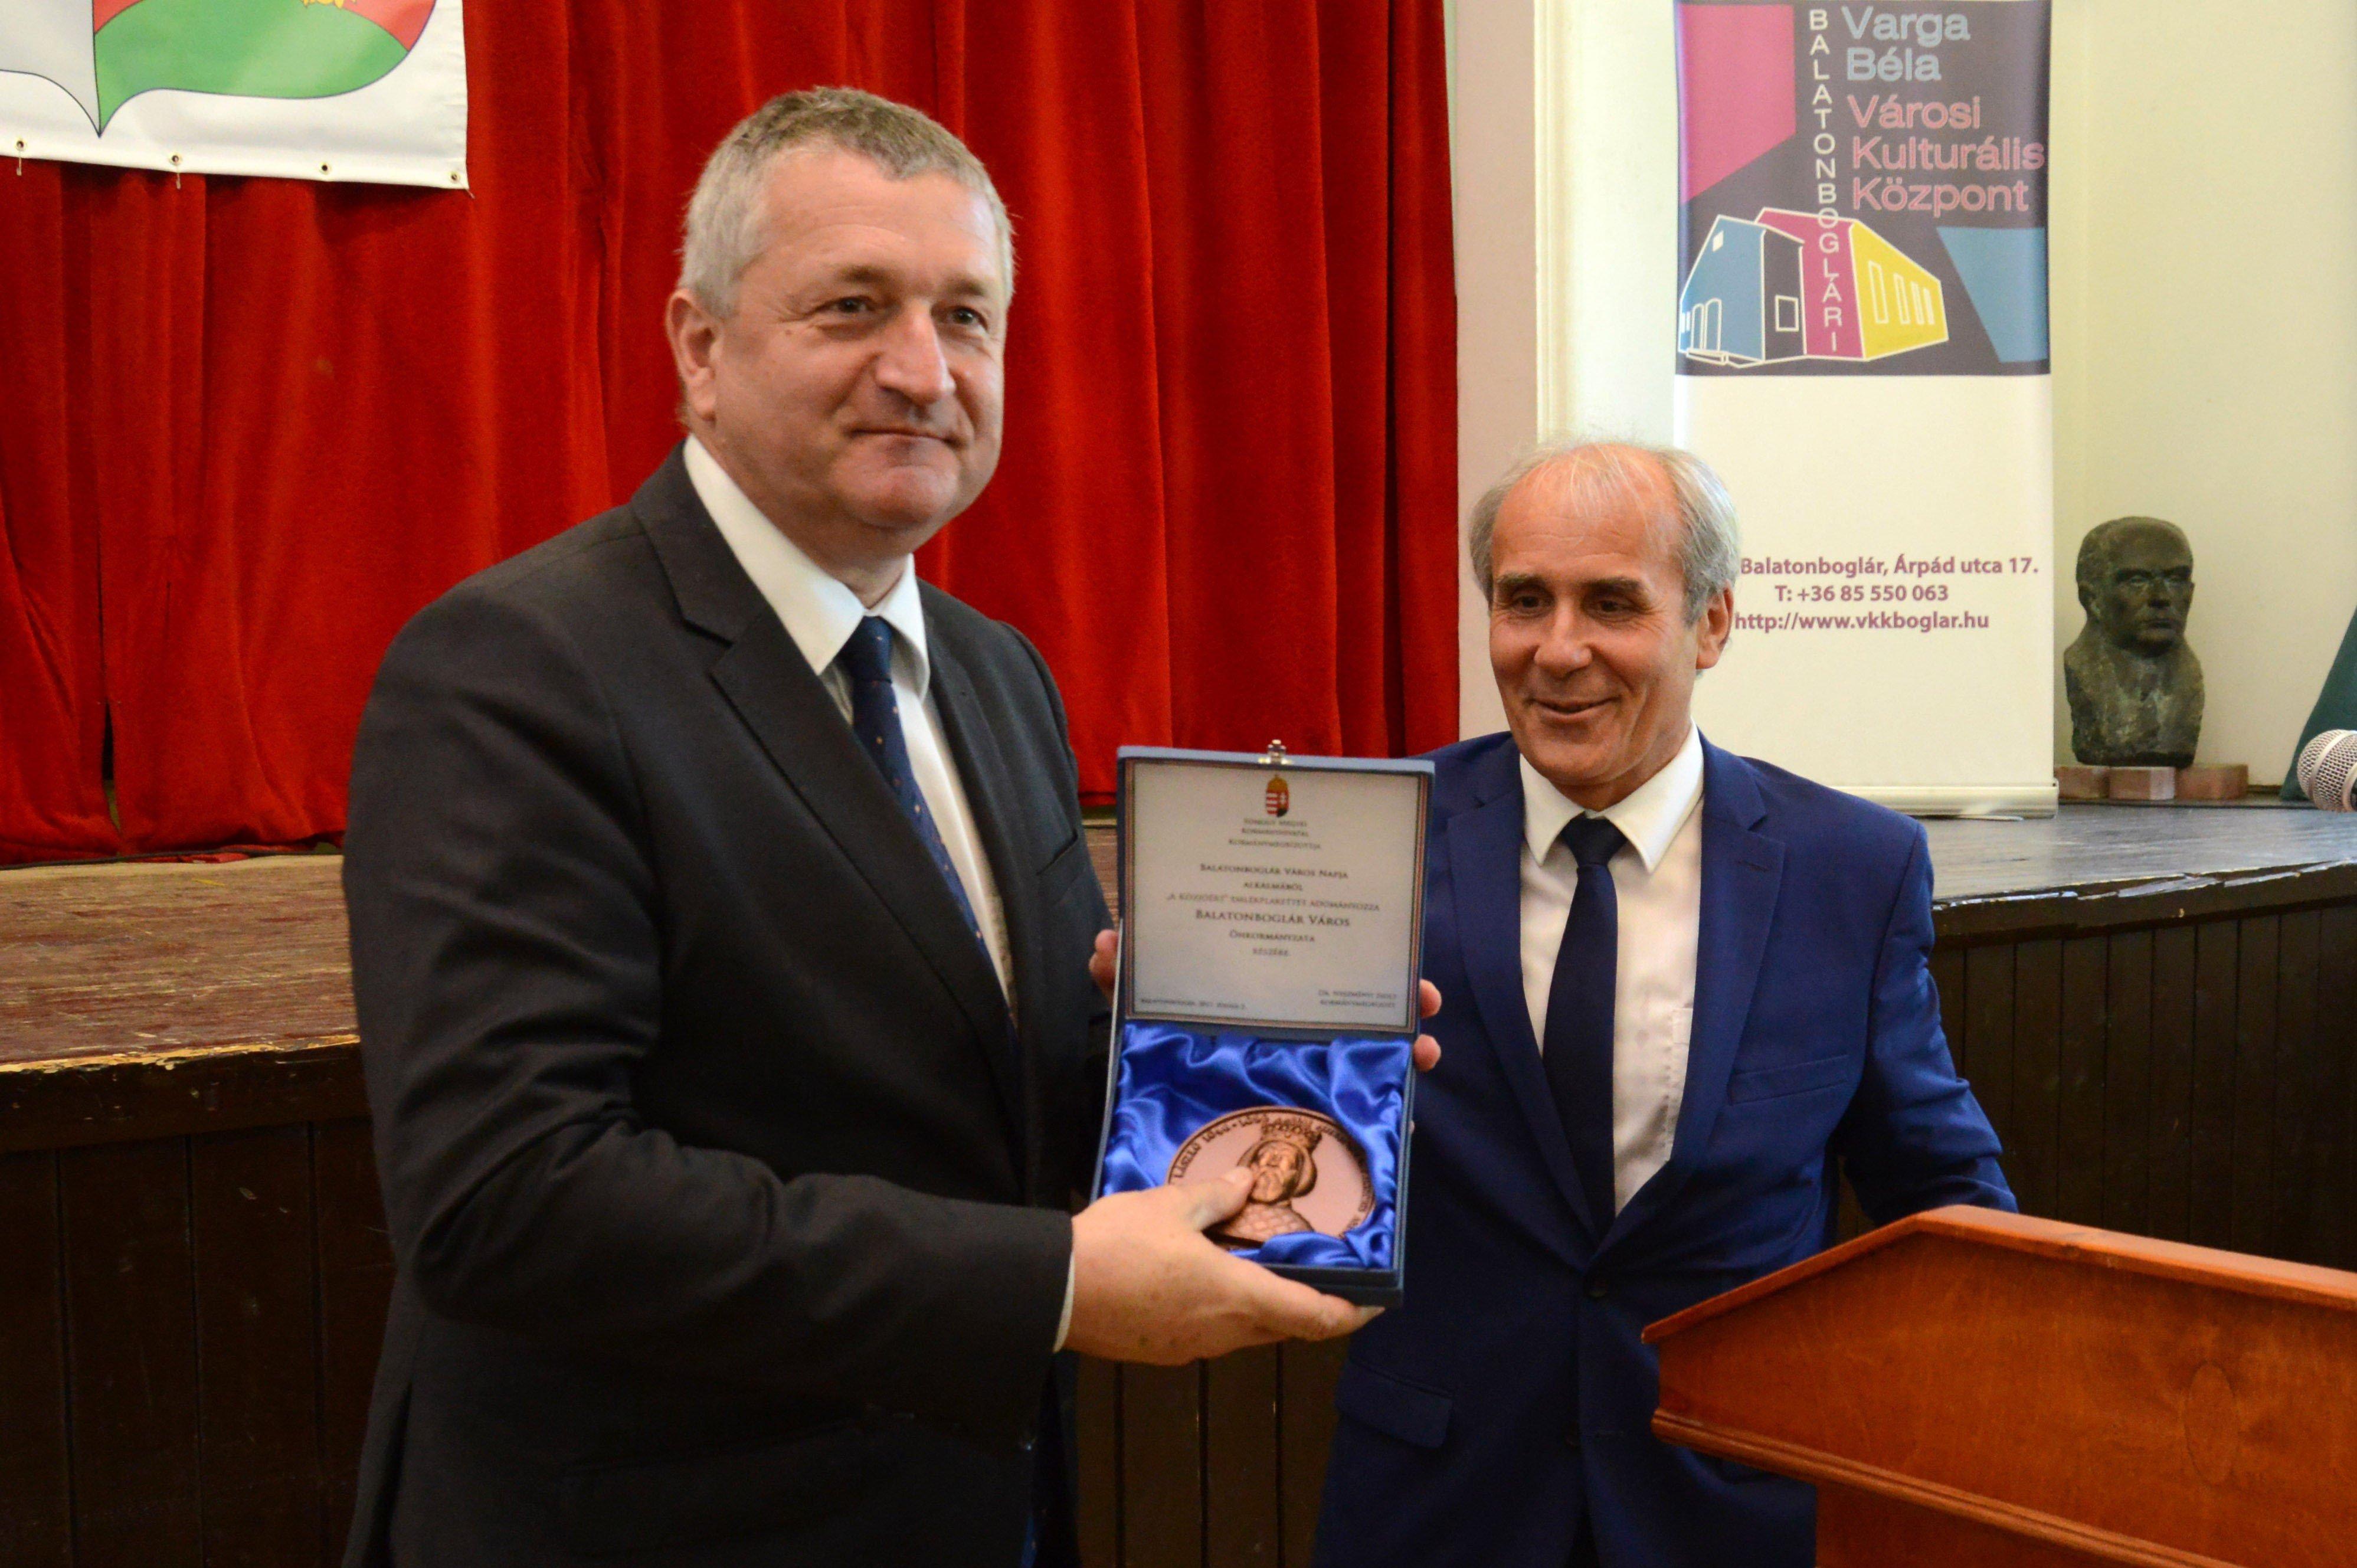 Városnappal ünnepelt Balatonboglár